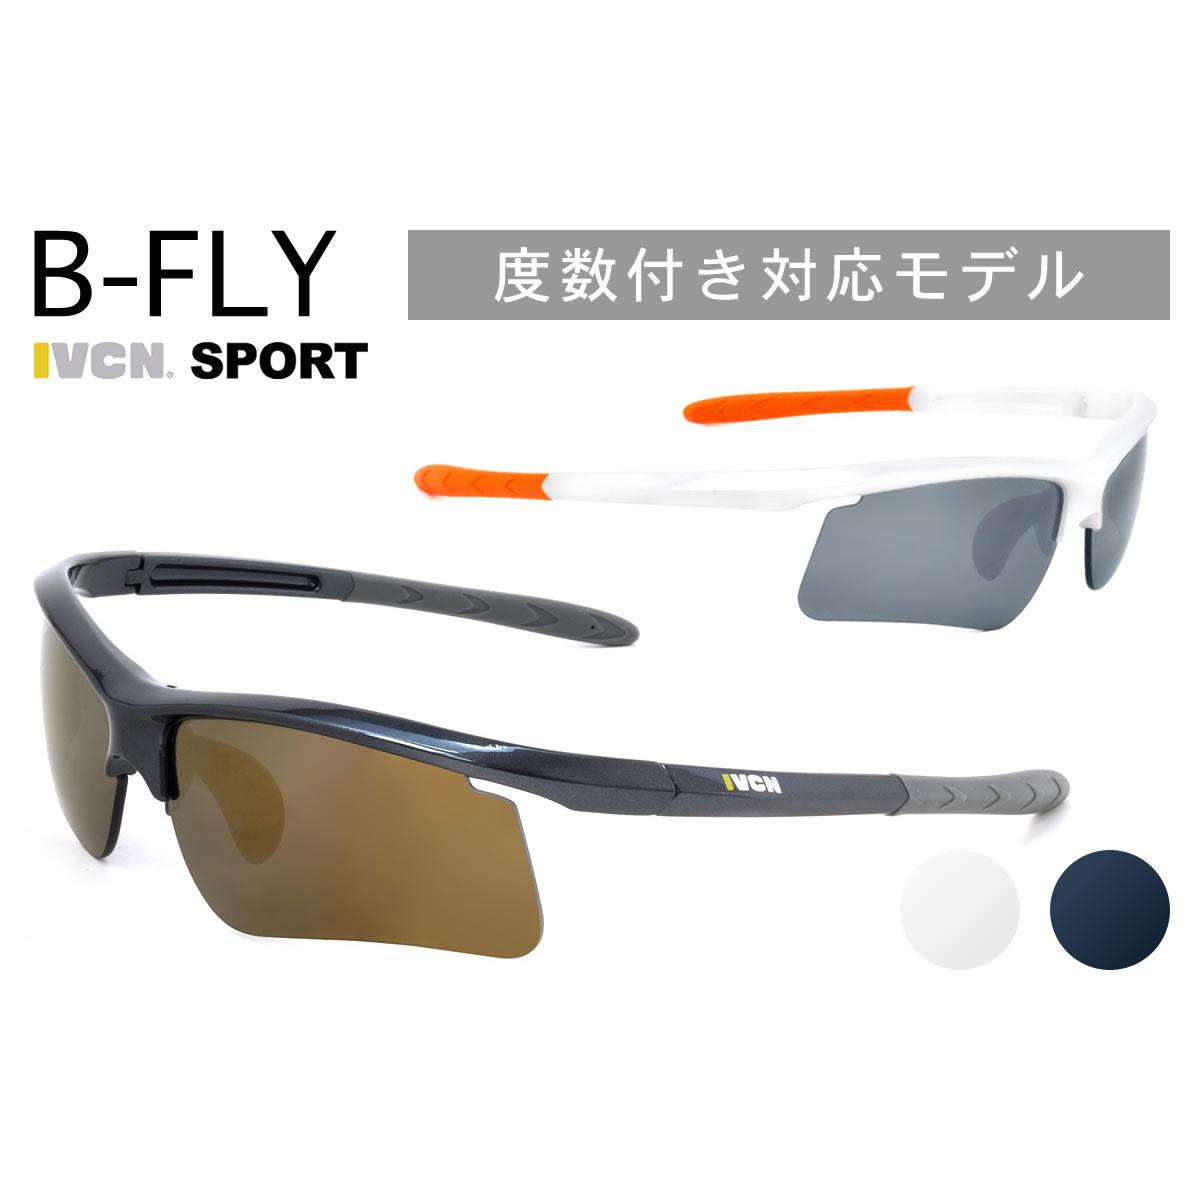 ポイント最大42倍!!お得なクーポンも !! IC1002 69サイズ IVCN (イブシン) サングラス B-FLY ビーフライ スポーツサングラス 度数付き対応 偏光 メガネ メンズ レディース